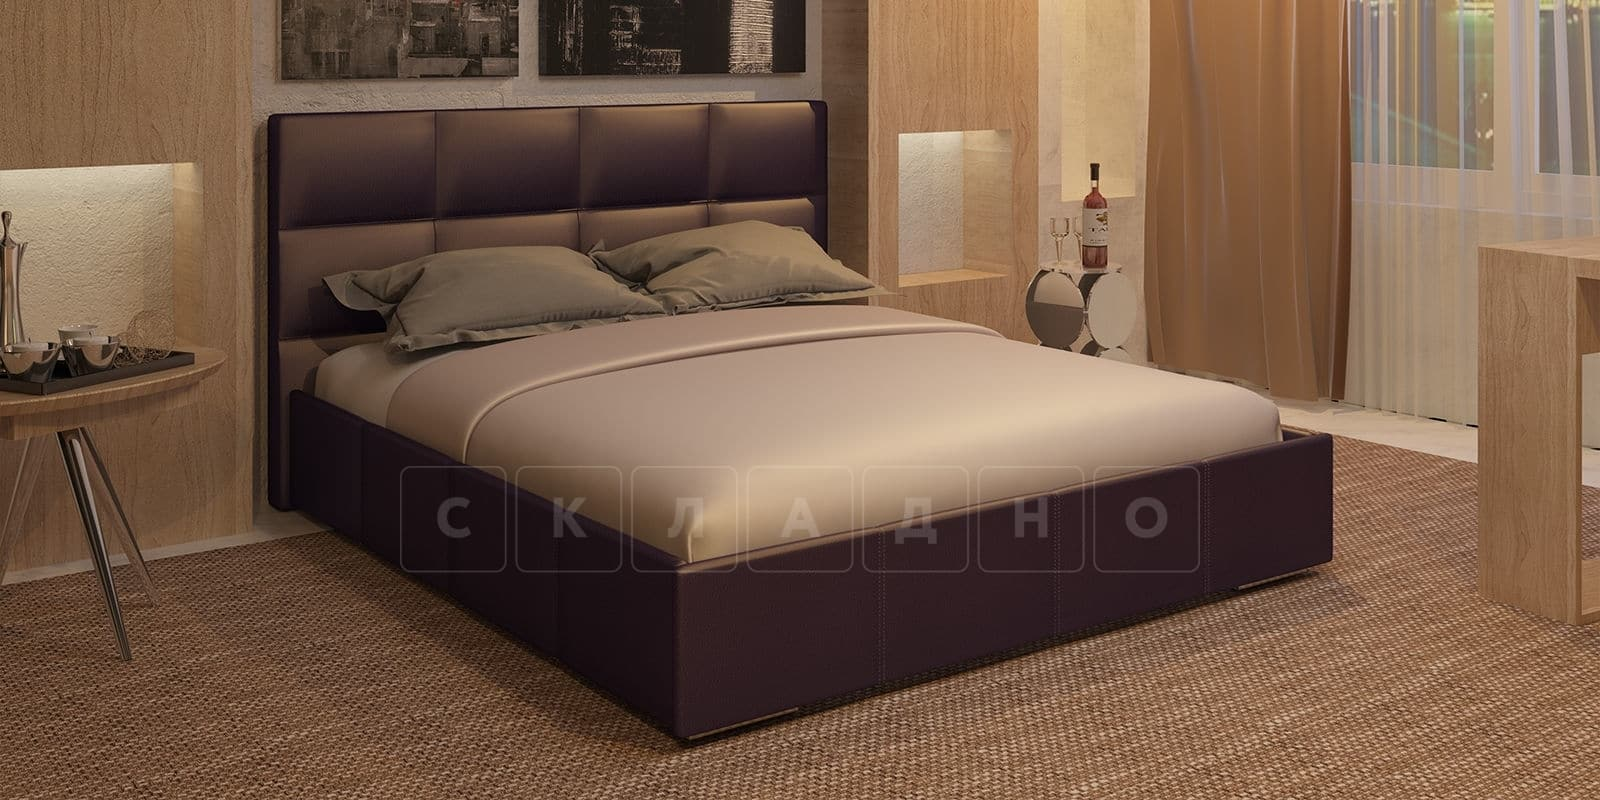 Мягкая кровать Лайф 160см шоколад без подъемного механизма фото 1 | интернет-магазин Складно